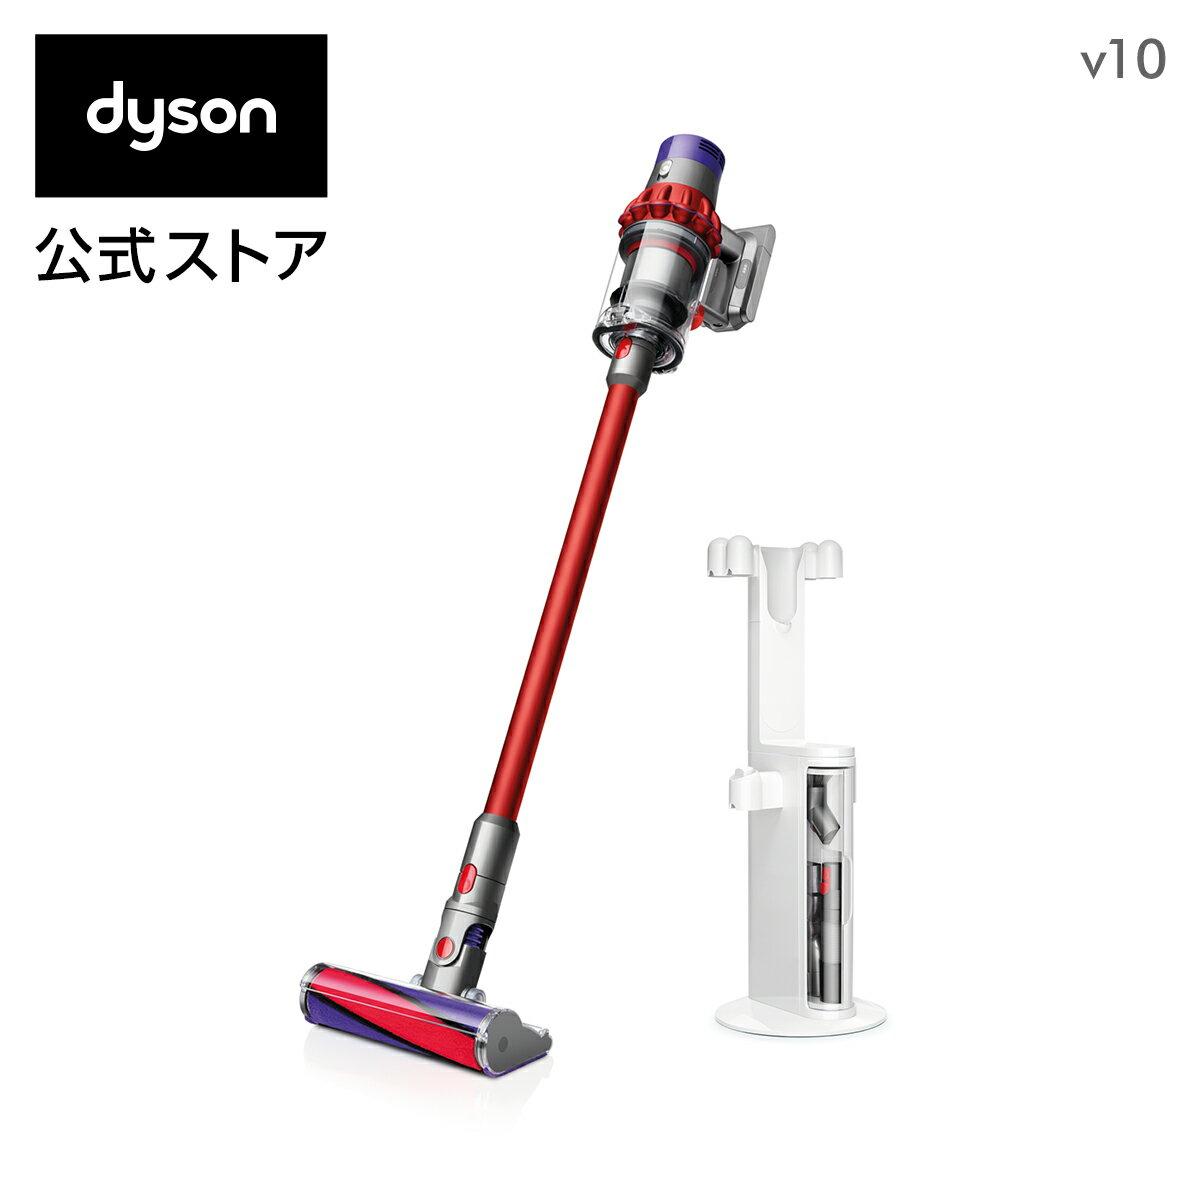 20日10時より【期間限定】【直販限定】ダイソン Dyson Cyclone 10 サイクロン式 コードレス掃除機 dyson SV12FF OLB 2018年モデル